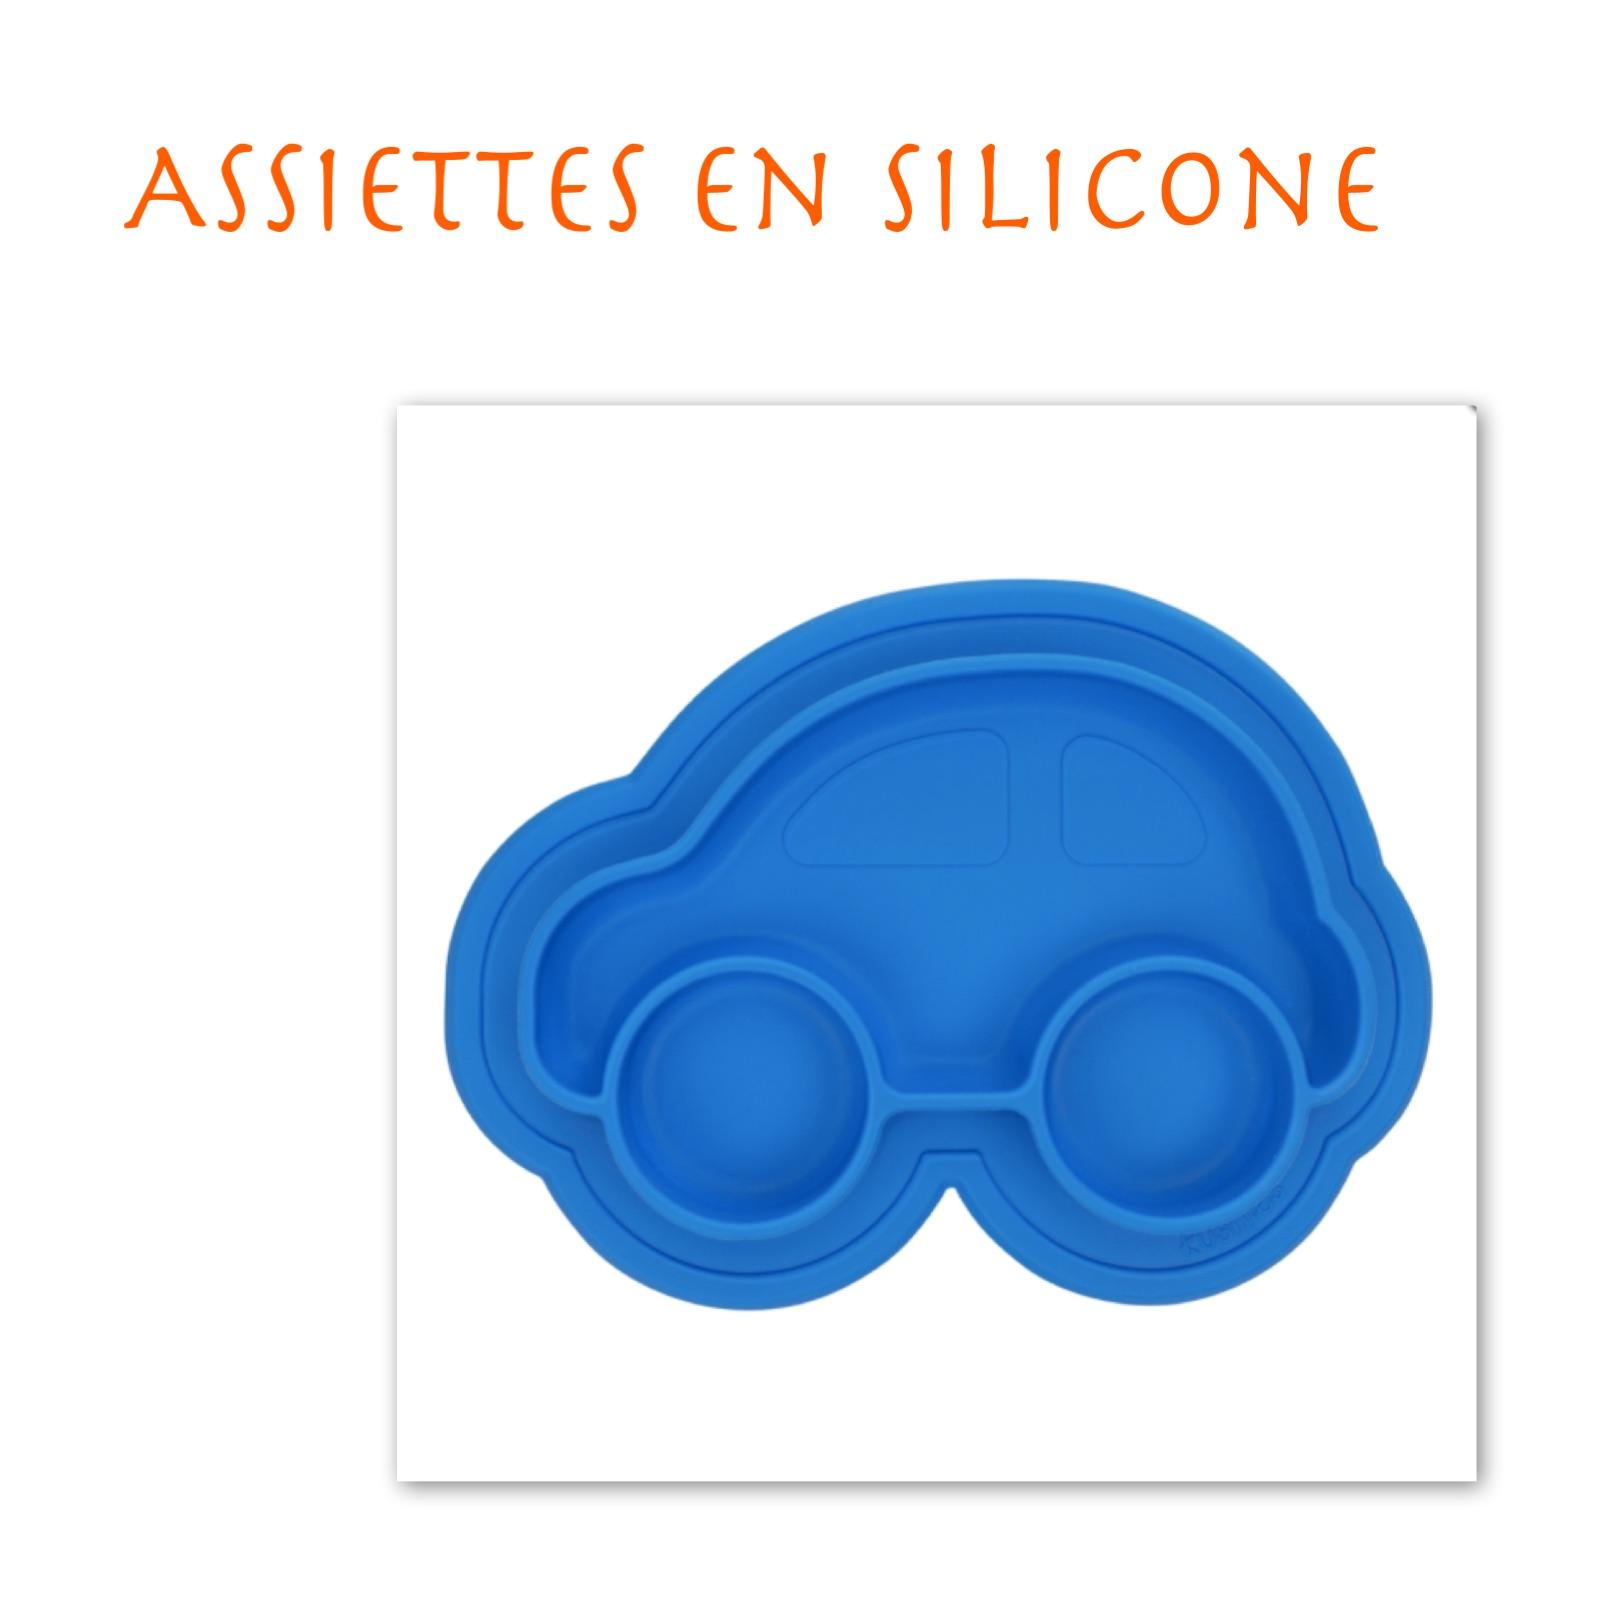 Assiettes en silicone